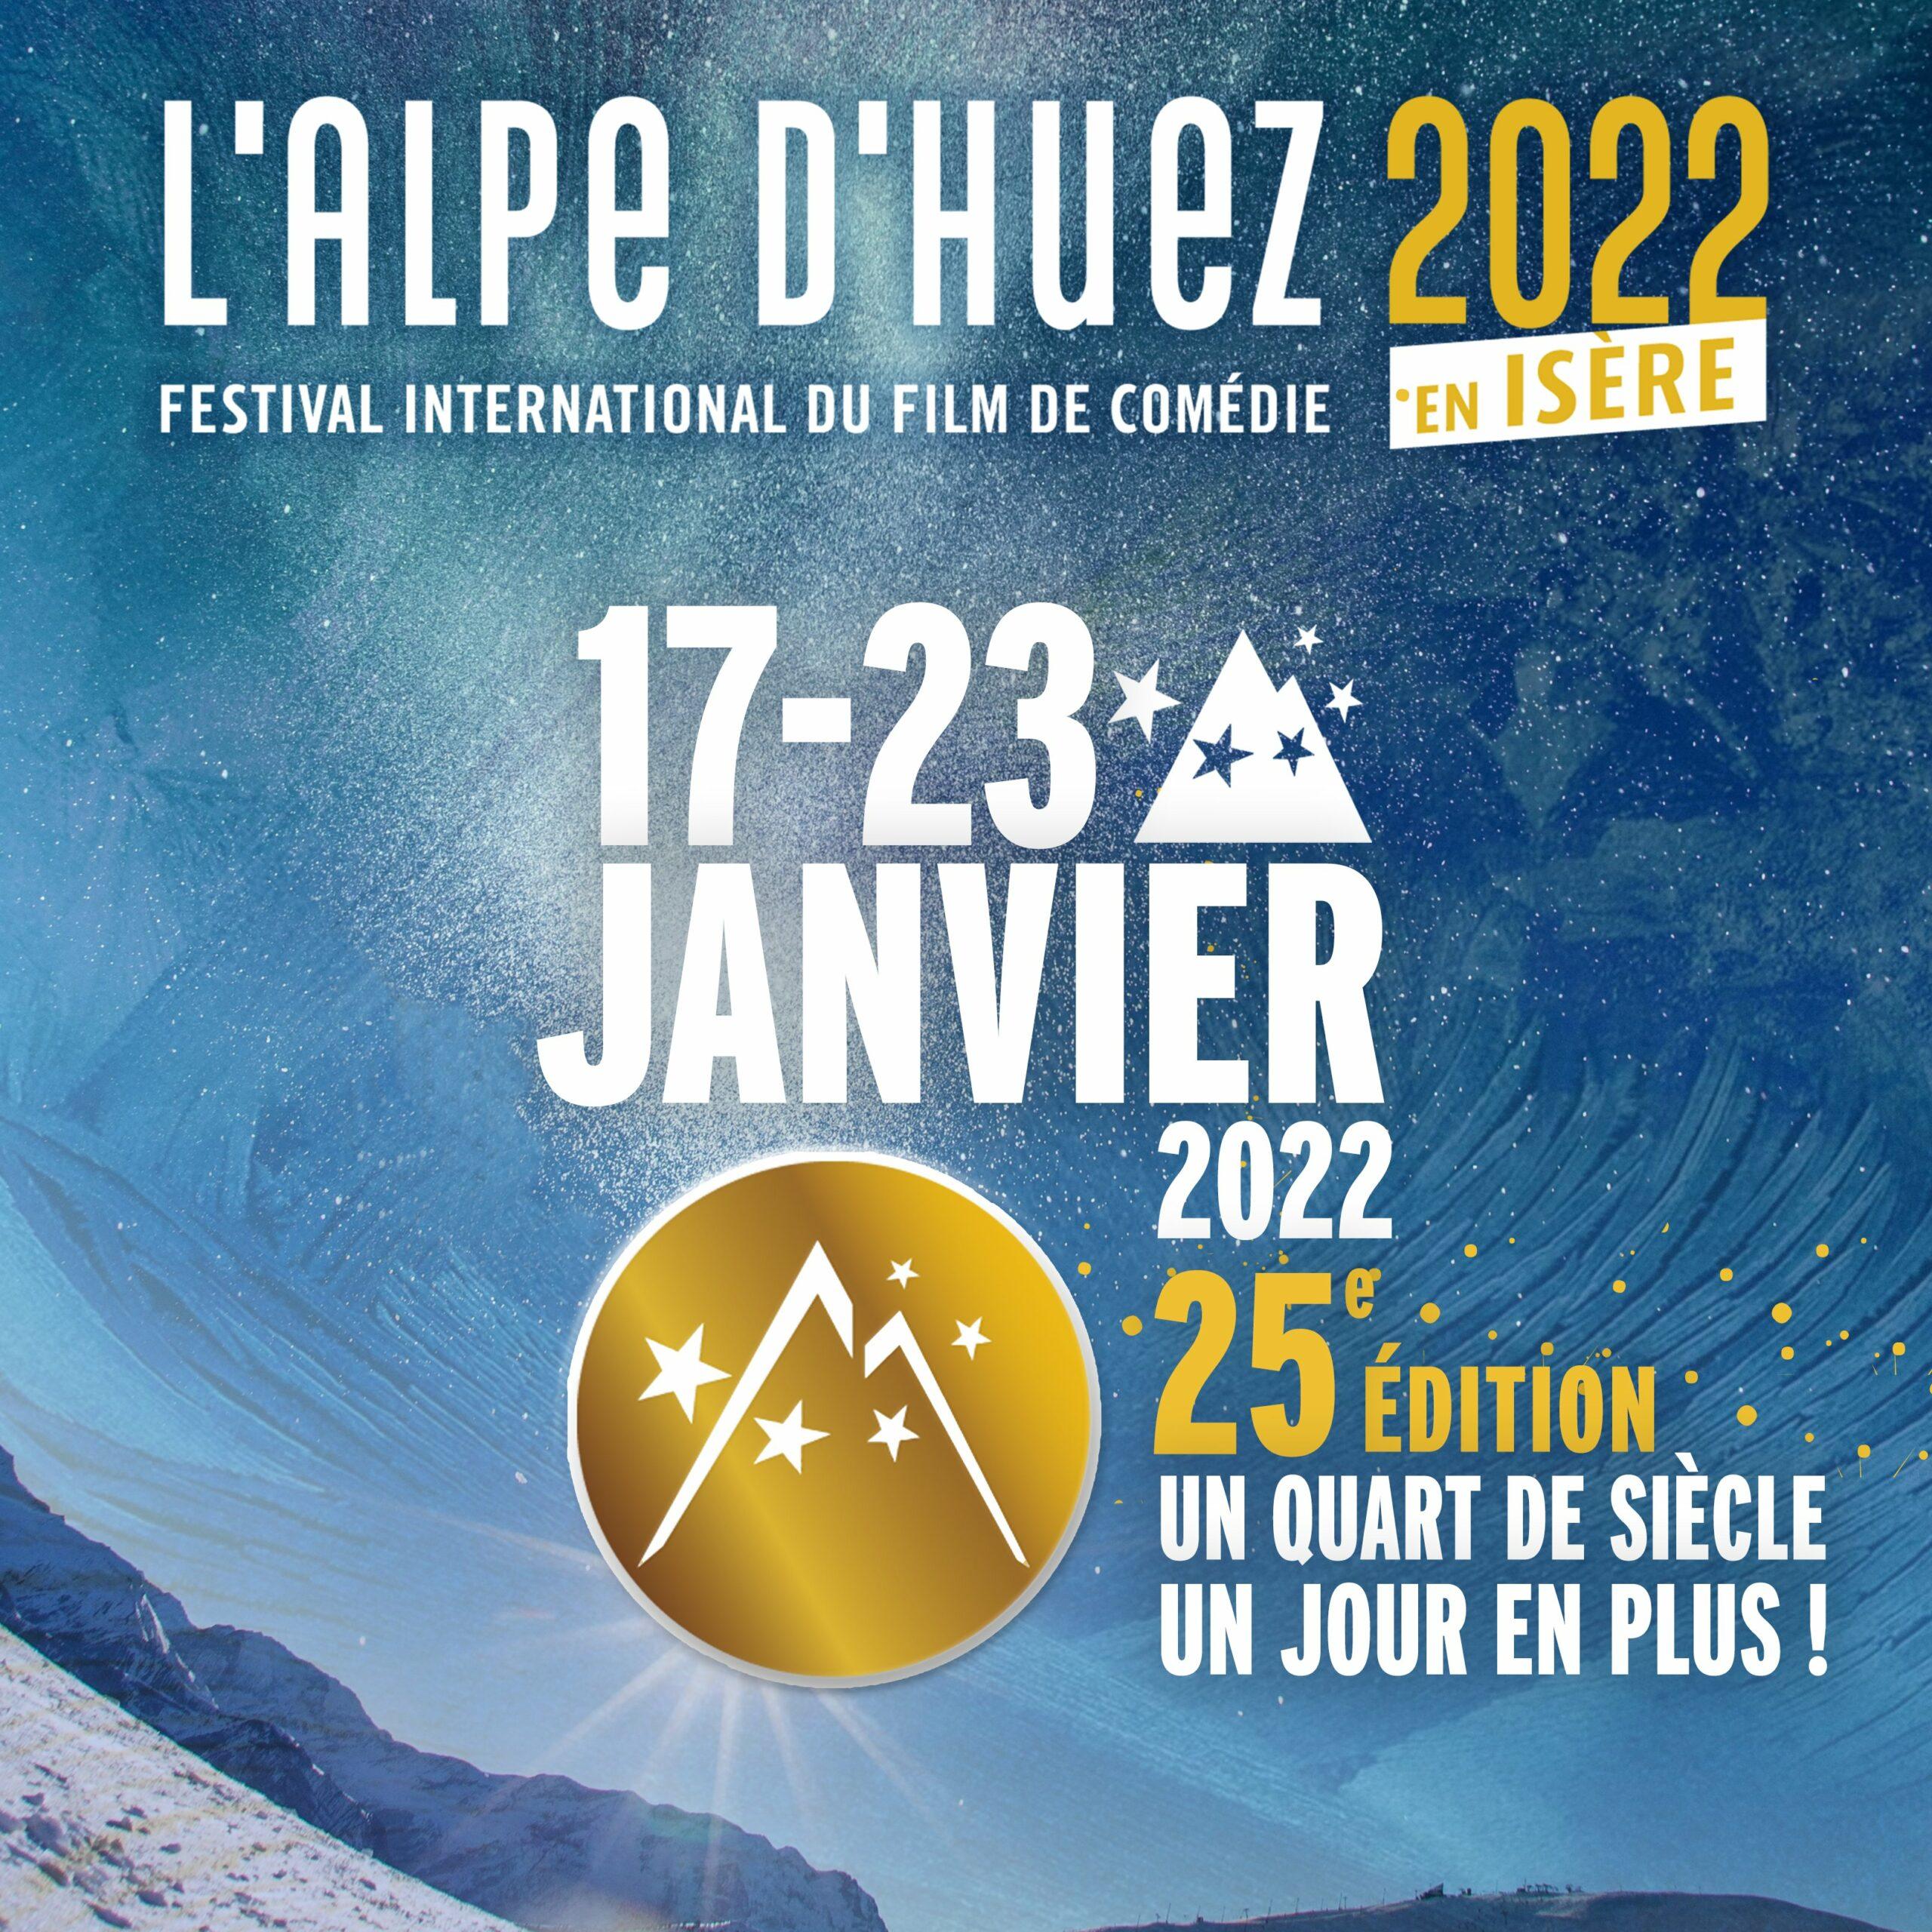 Festival du film de l'Alpe d'Huez 2022